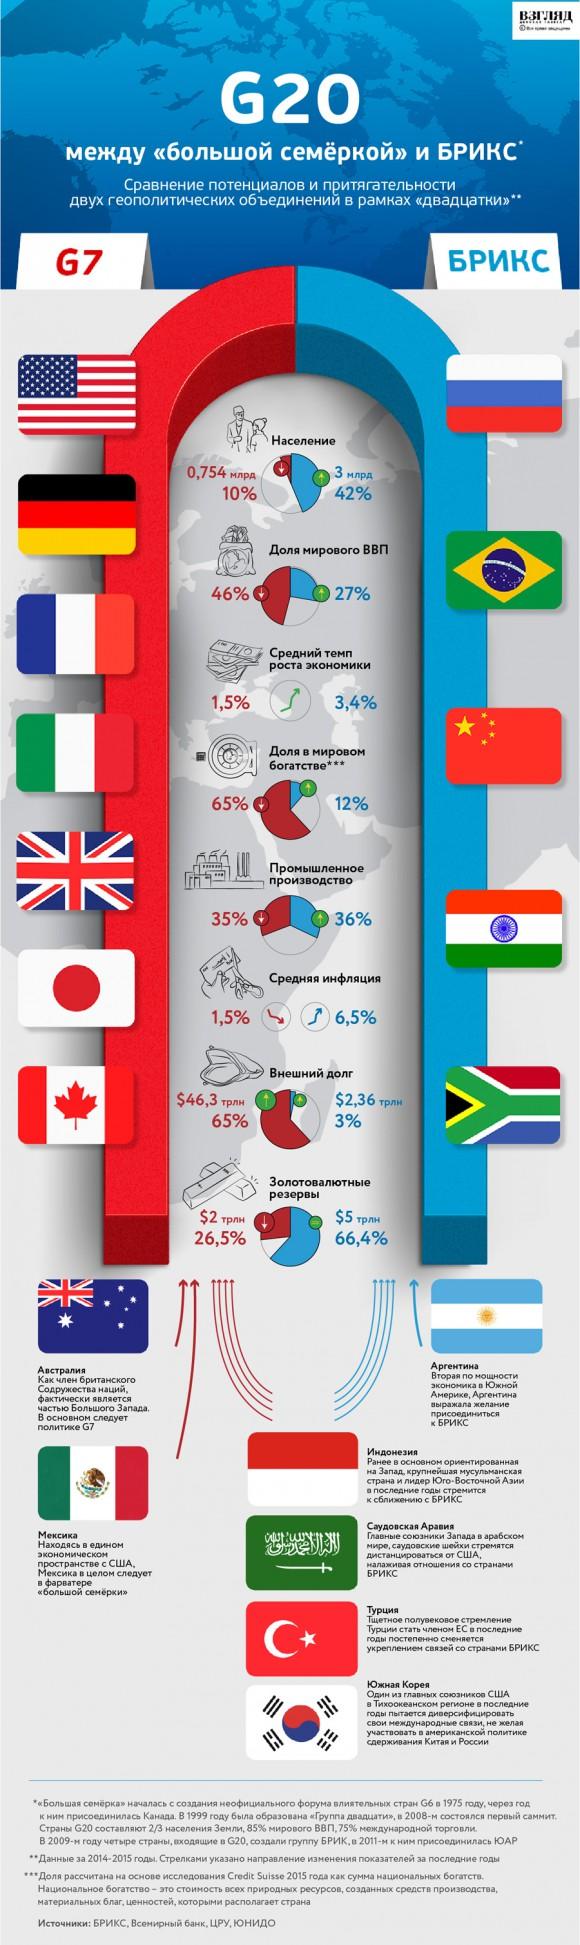 Как выглядит конкуренция между «большой семеркой» и БРИКС